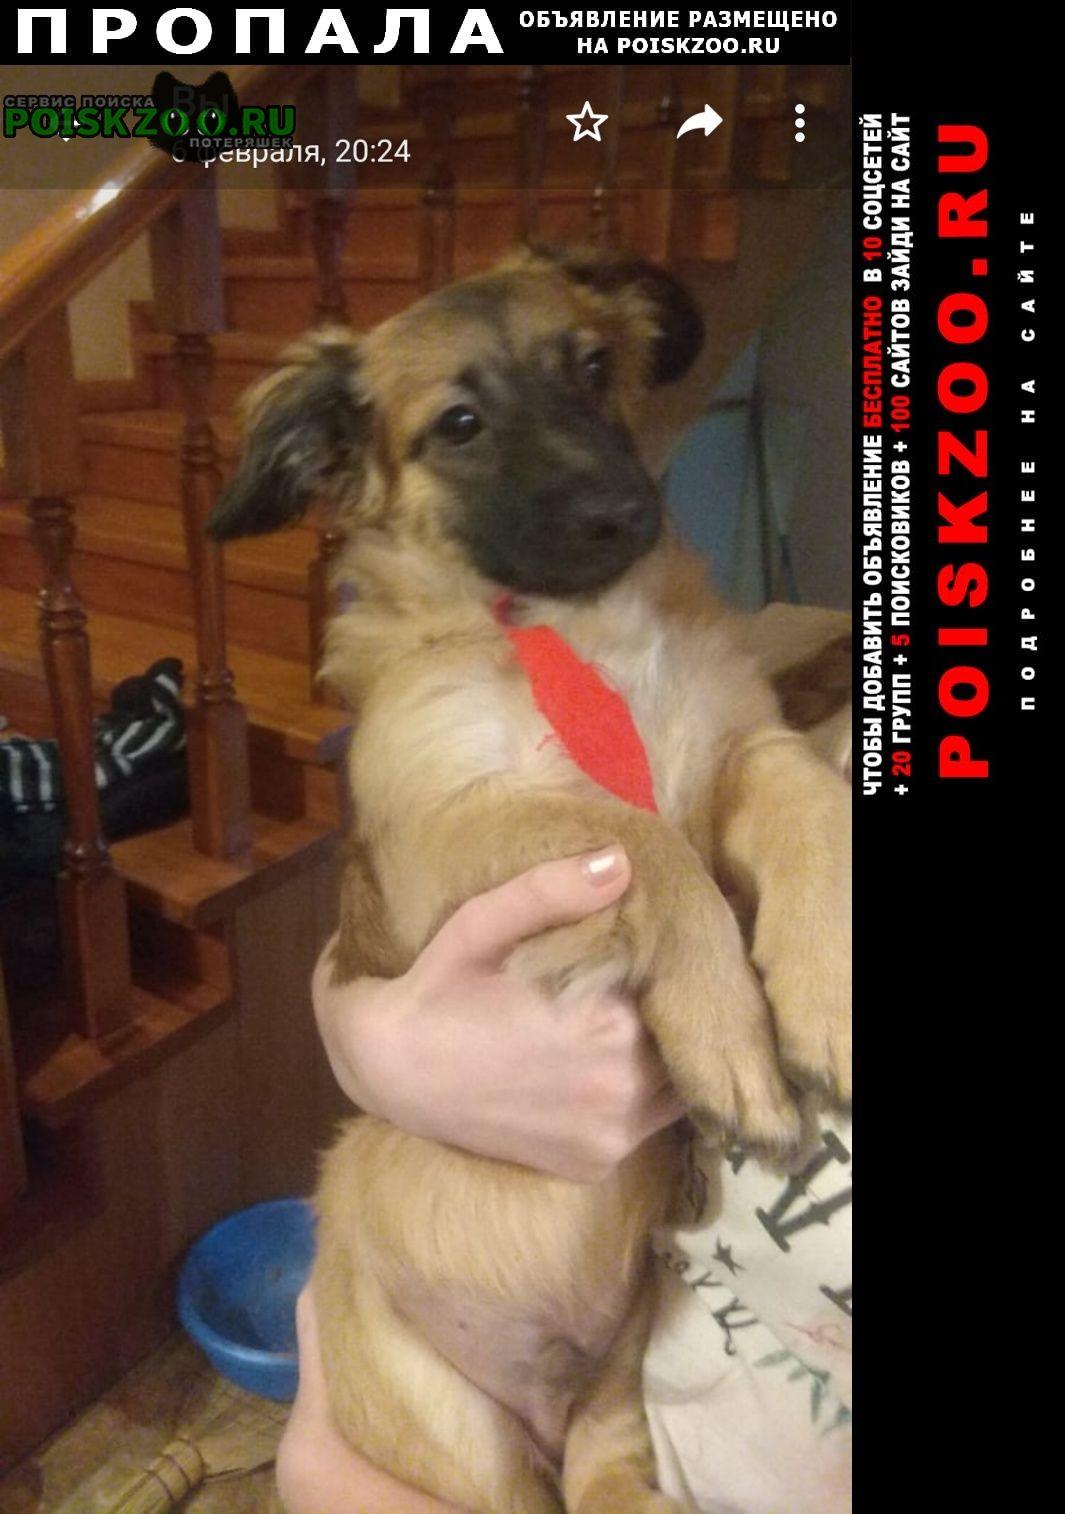 Гуково Пропала собака кобель кличка миша